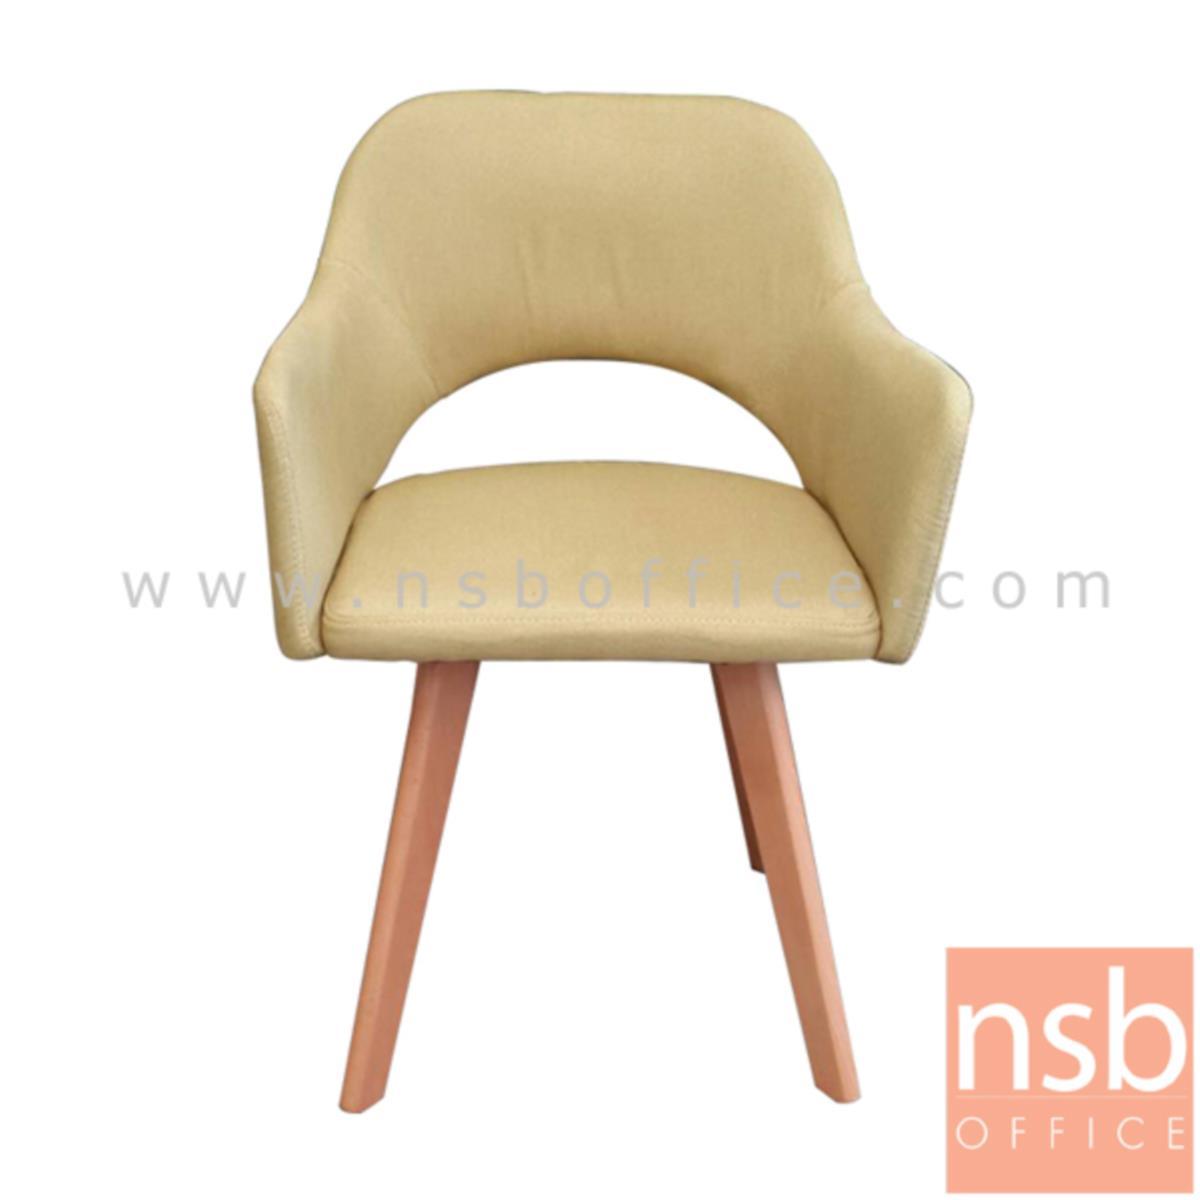 เก้าอี้โมเดิร์นหนังเทียม รุ่น PN-18229 ขนาด 56W cm. โครงขาไม้